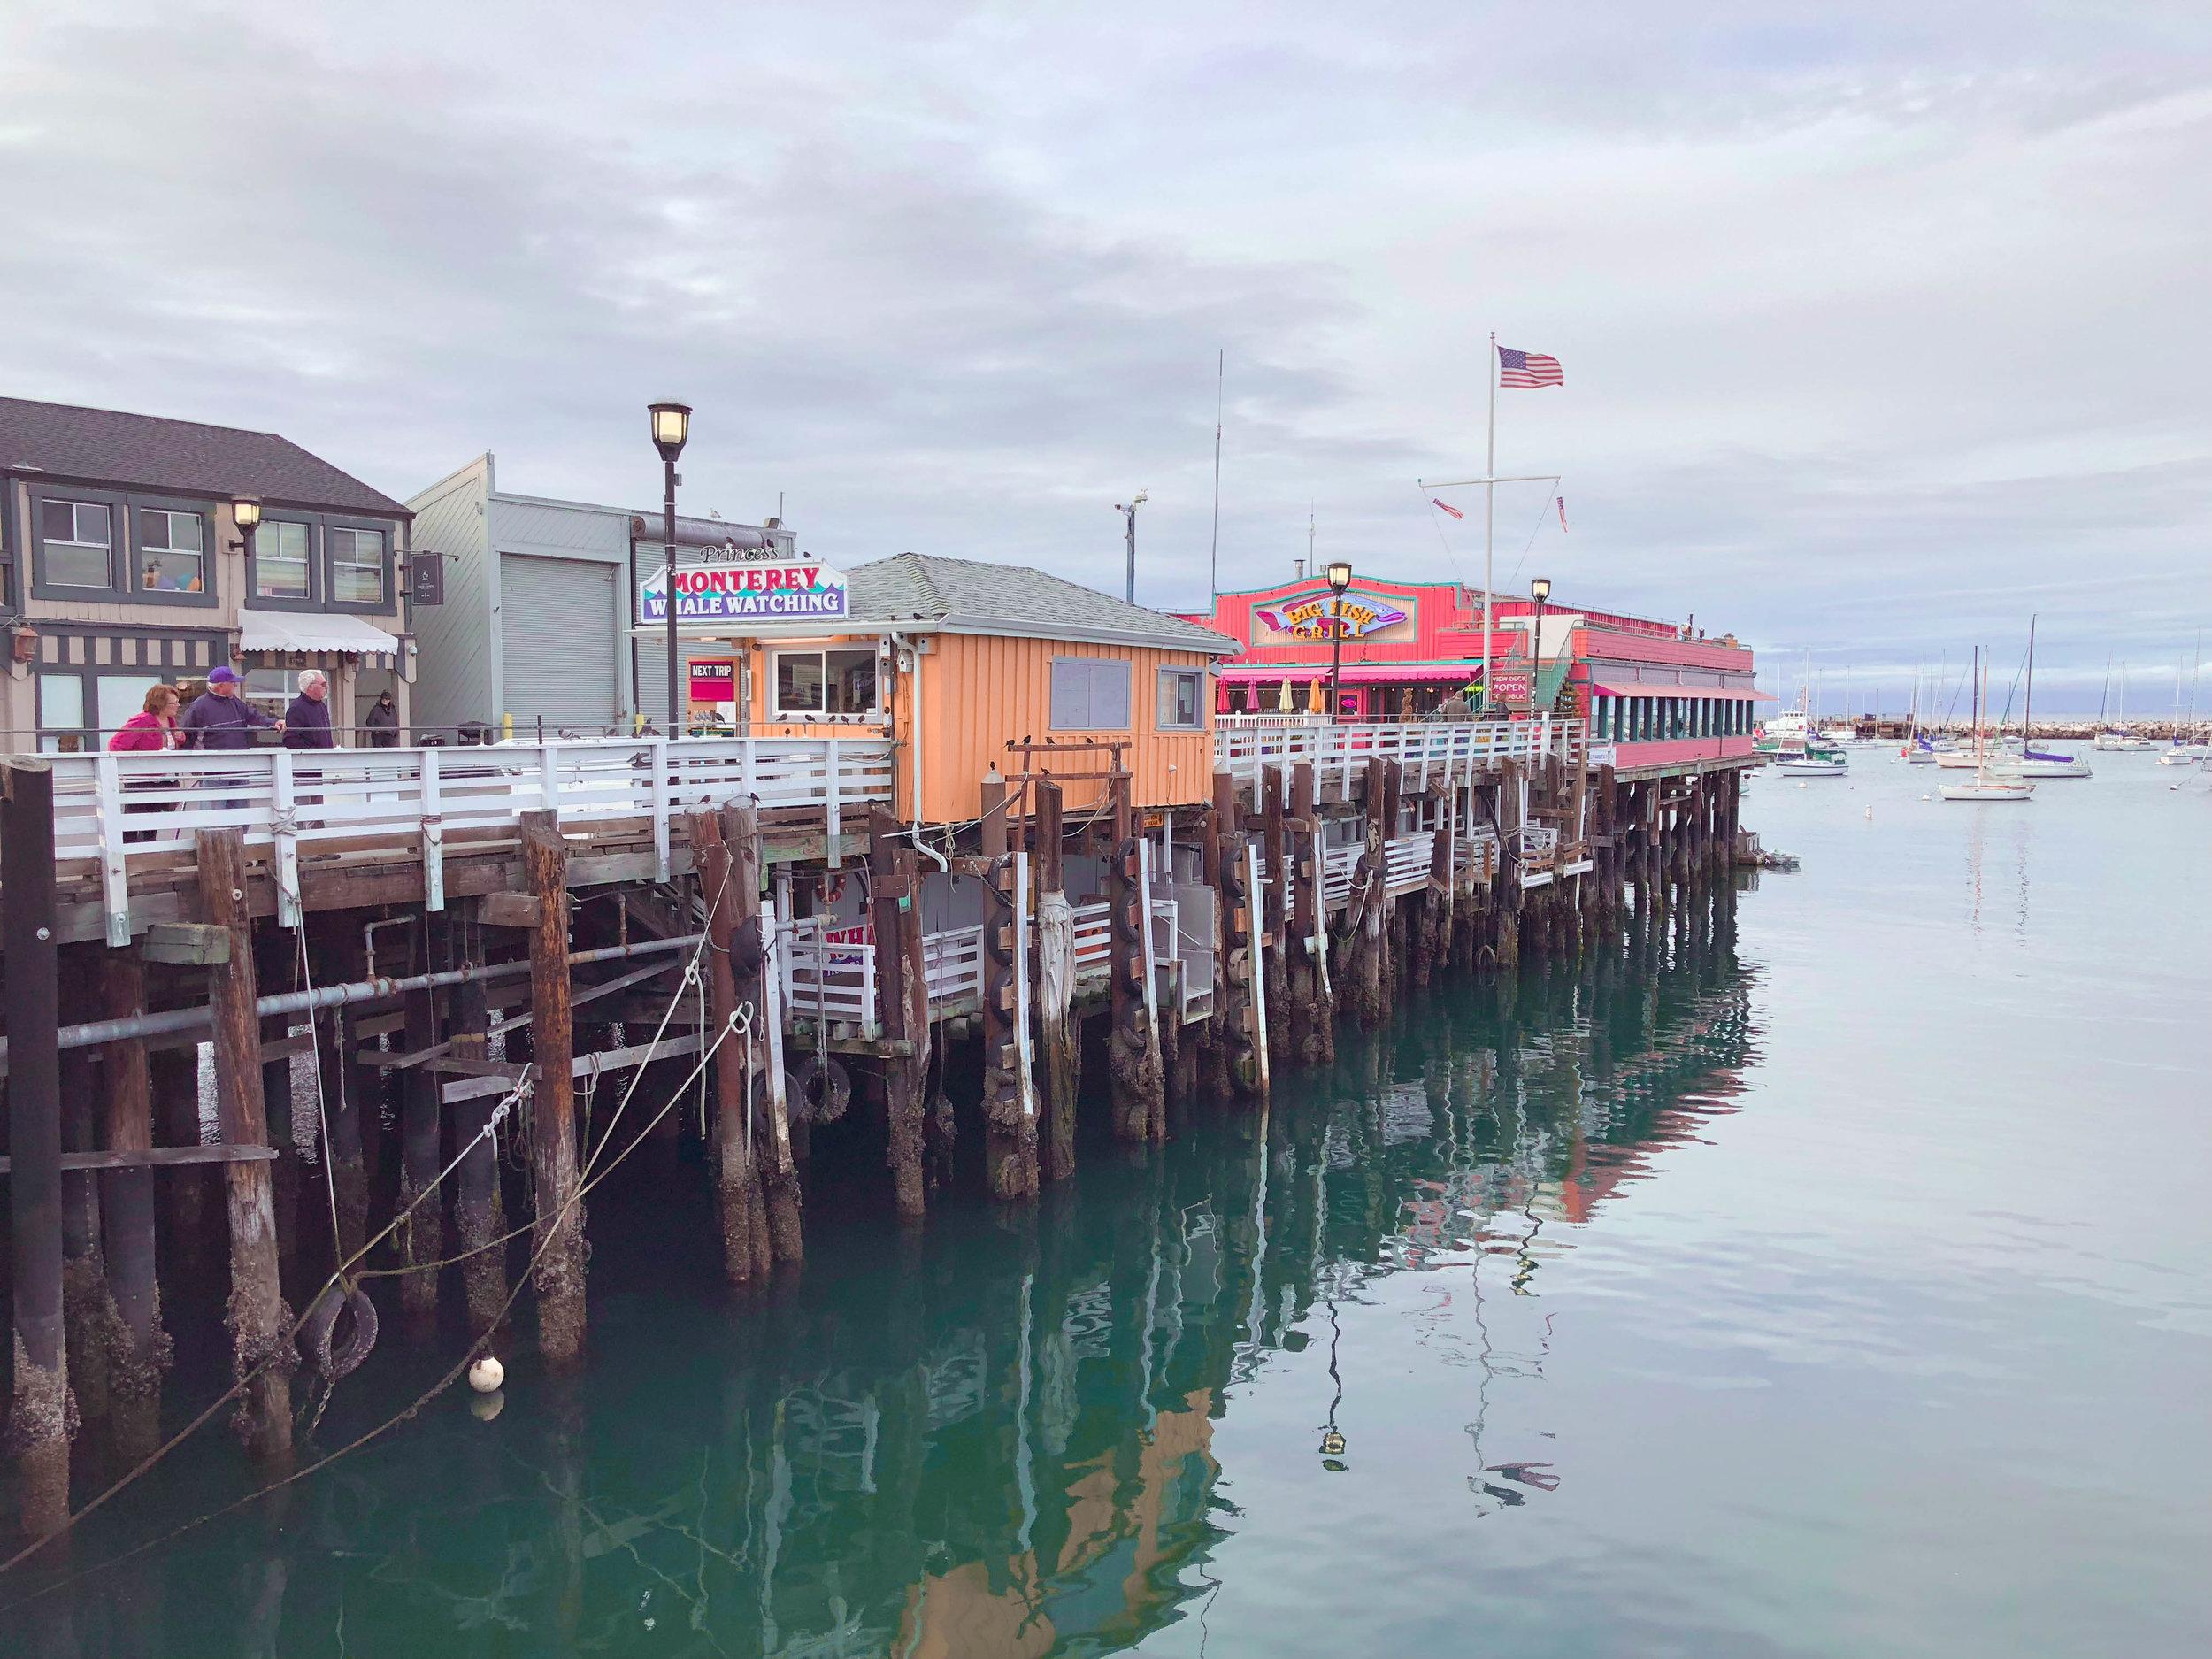 MontereyWharf5